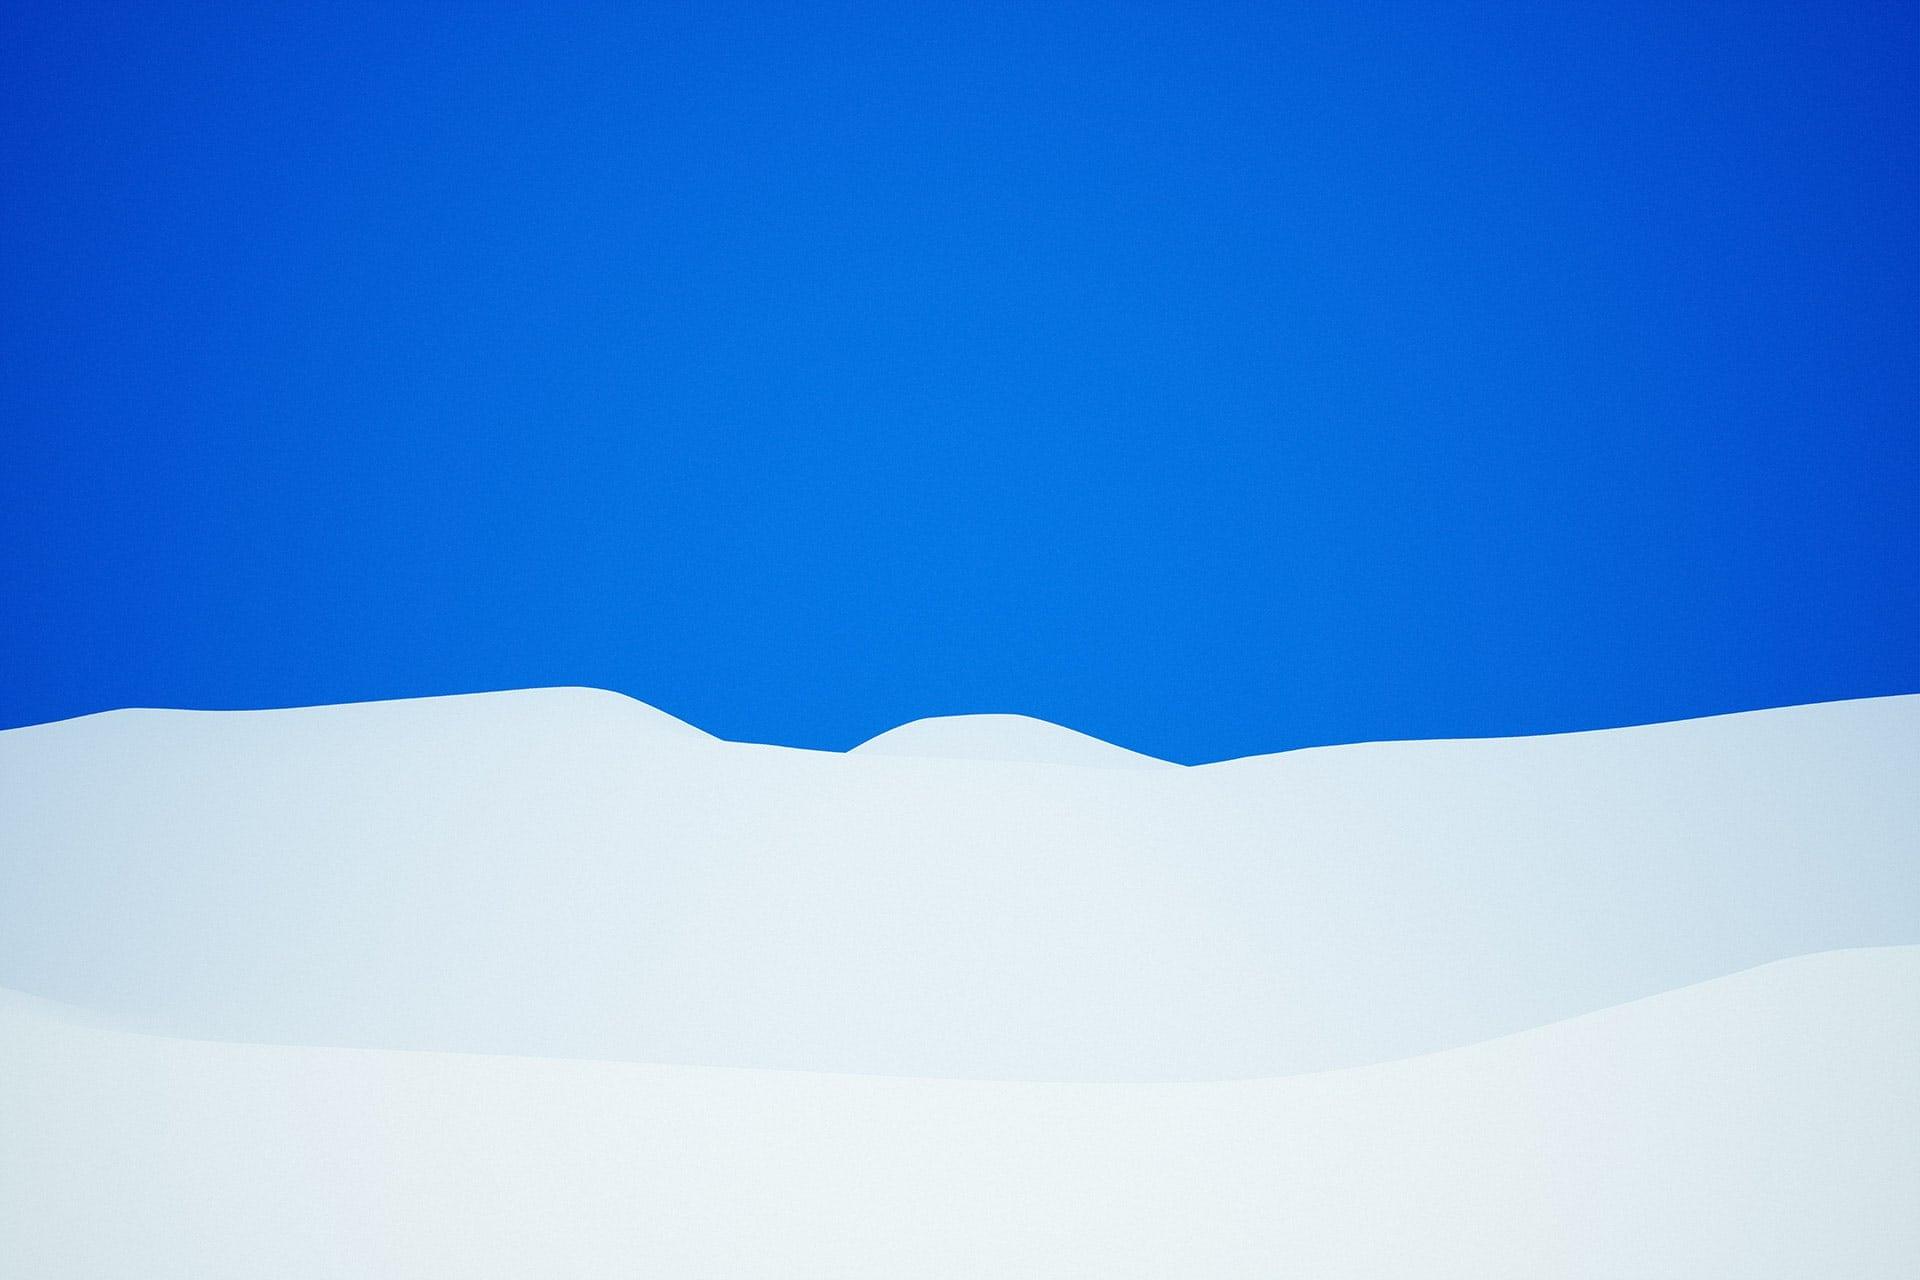 artnorama - Strata of Sand